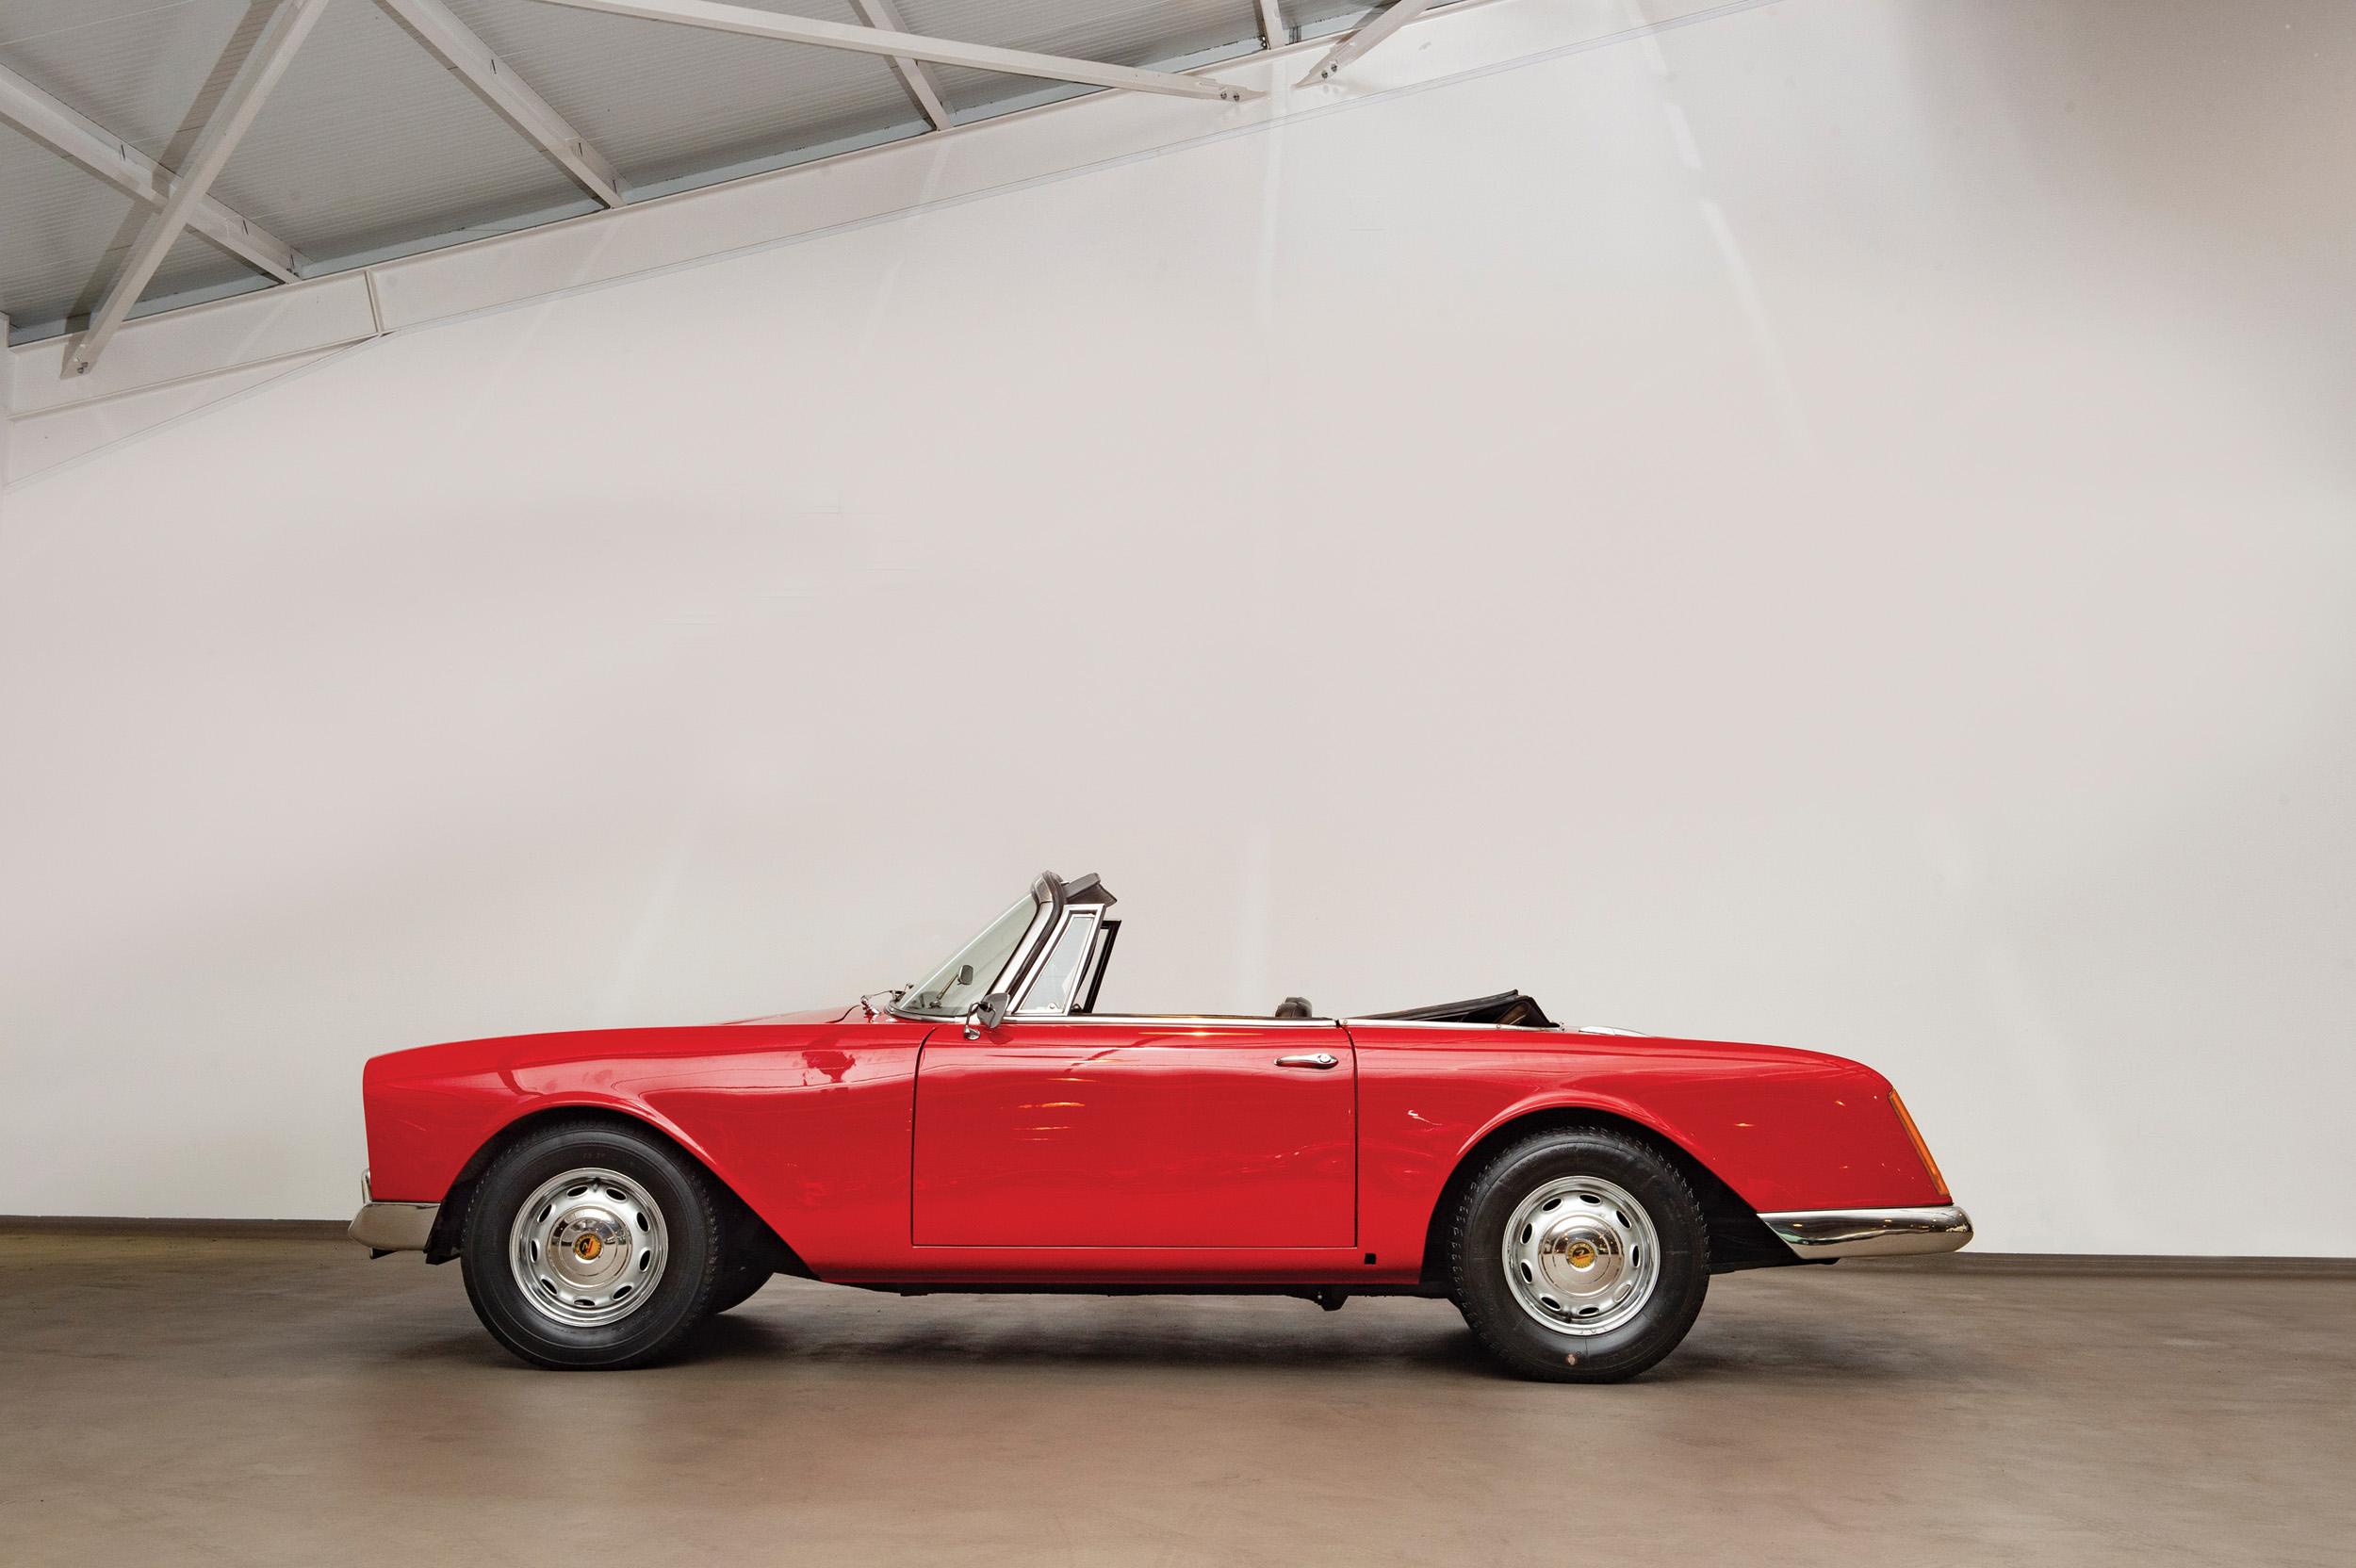 1961 Facel Vega F2 Facellia Cabriolet (Credit- Tom Wood ©2019 Courtesy of RM Sotheby's) - Portuguese Sale